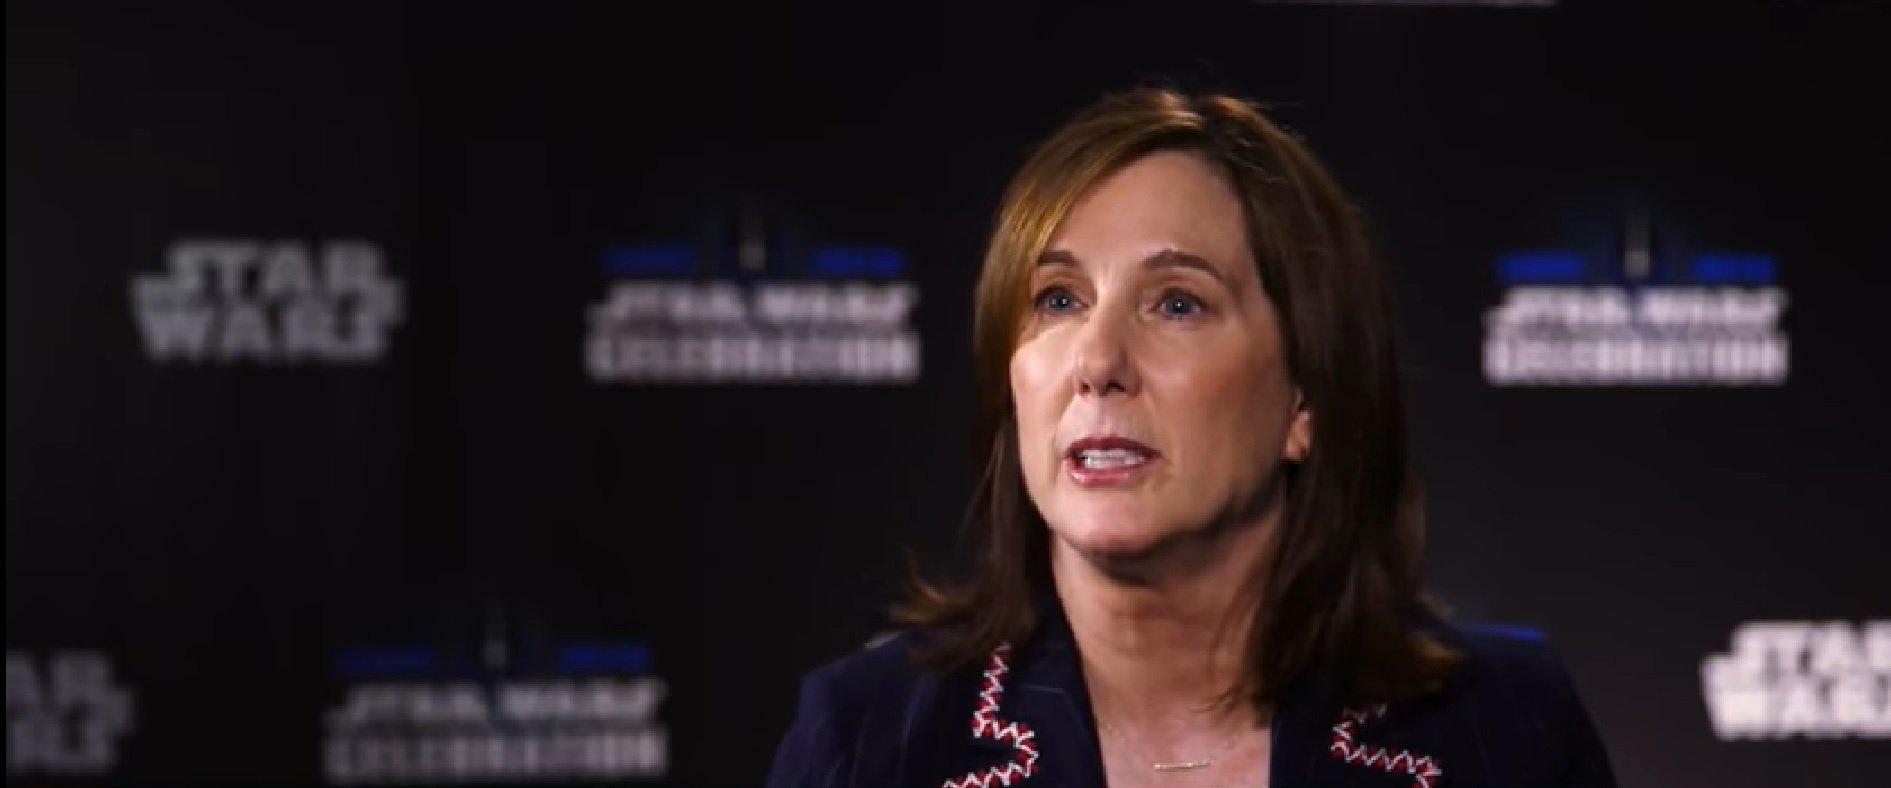 Kathleen Kennedy pozostanie szefową Lucasfilm. Co dalej z Gwiezdnymi Wojnami?